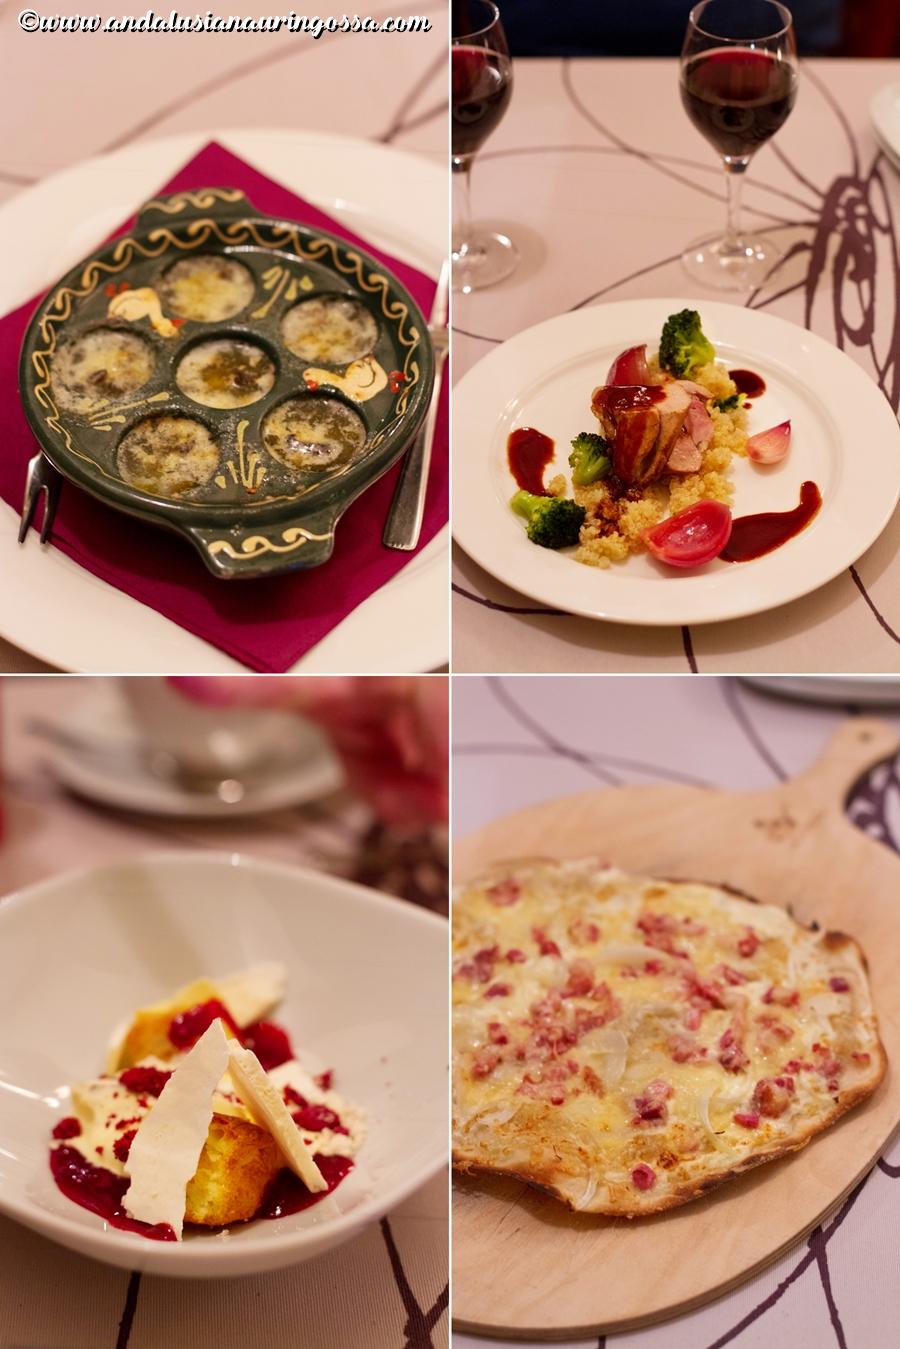 5 vinkkiä ranskalaiseen Tampereeseen_Tampere_ranskalaiset ravintolat_Andalusian auringossa_matkablogi_ruokablogi